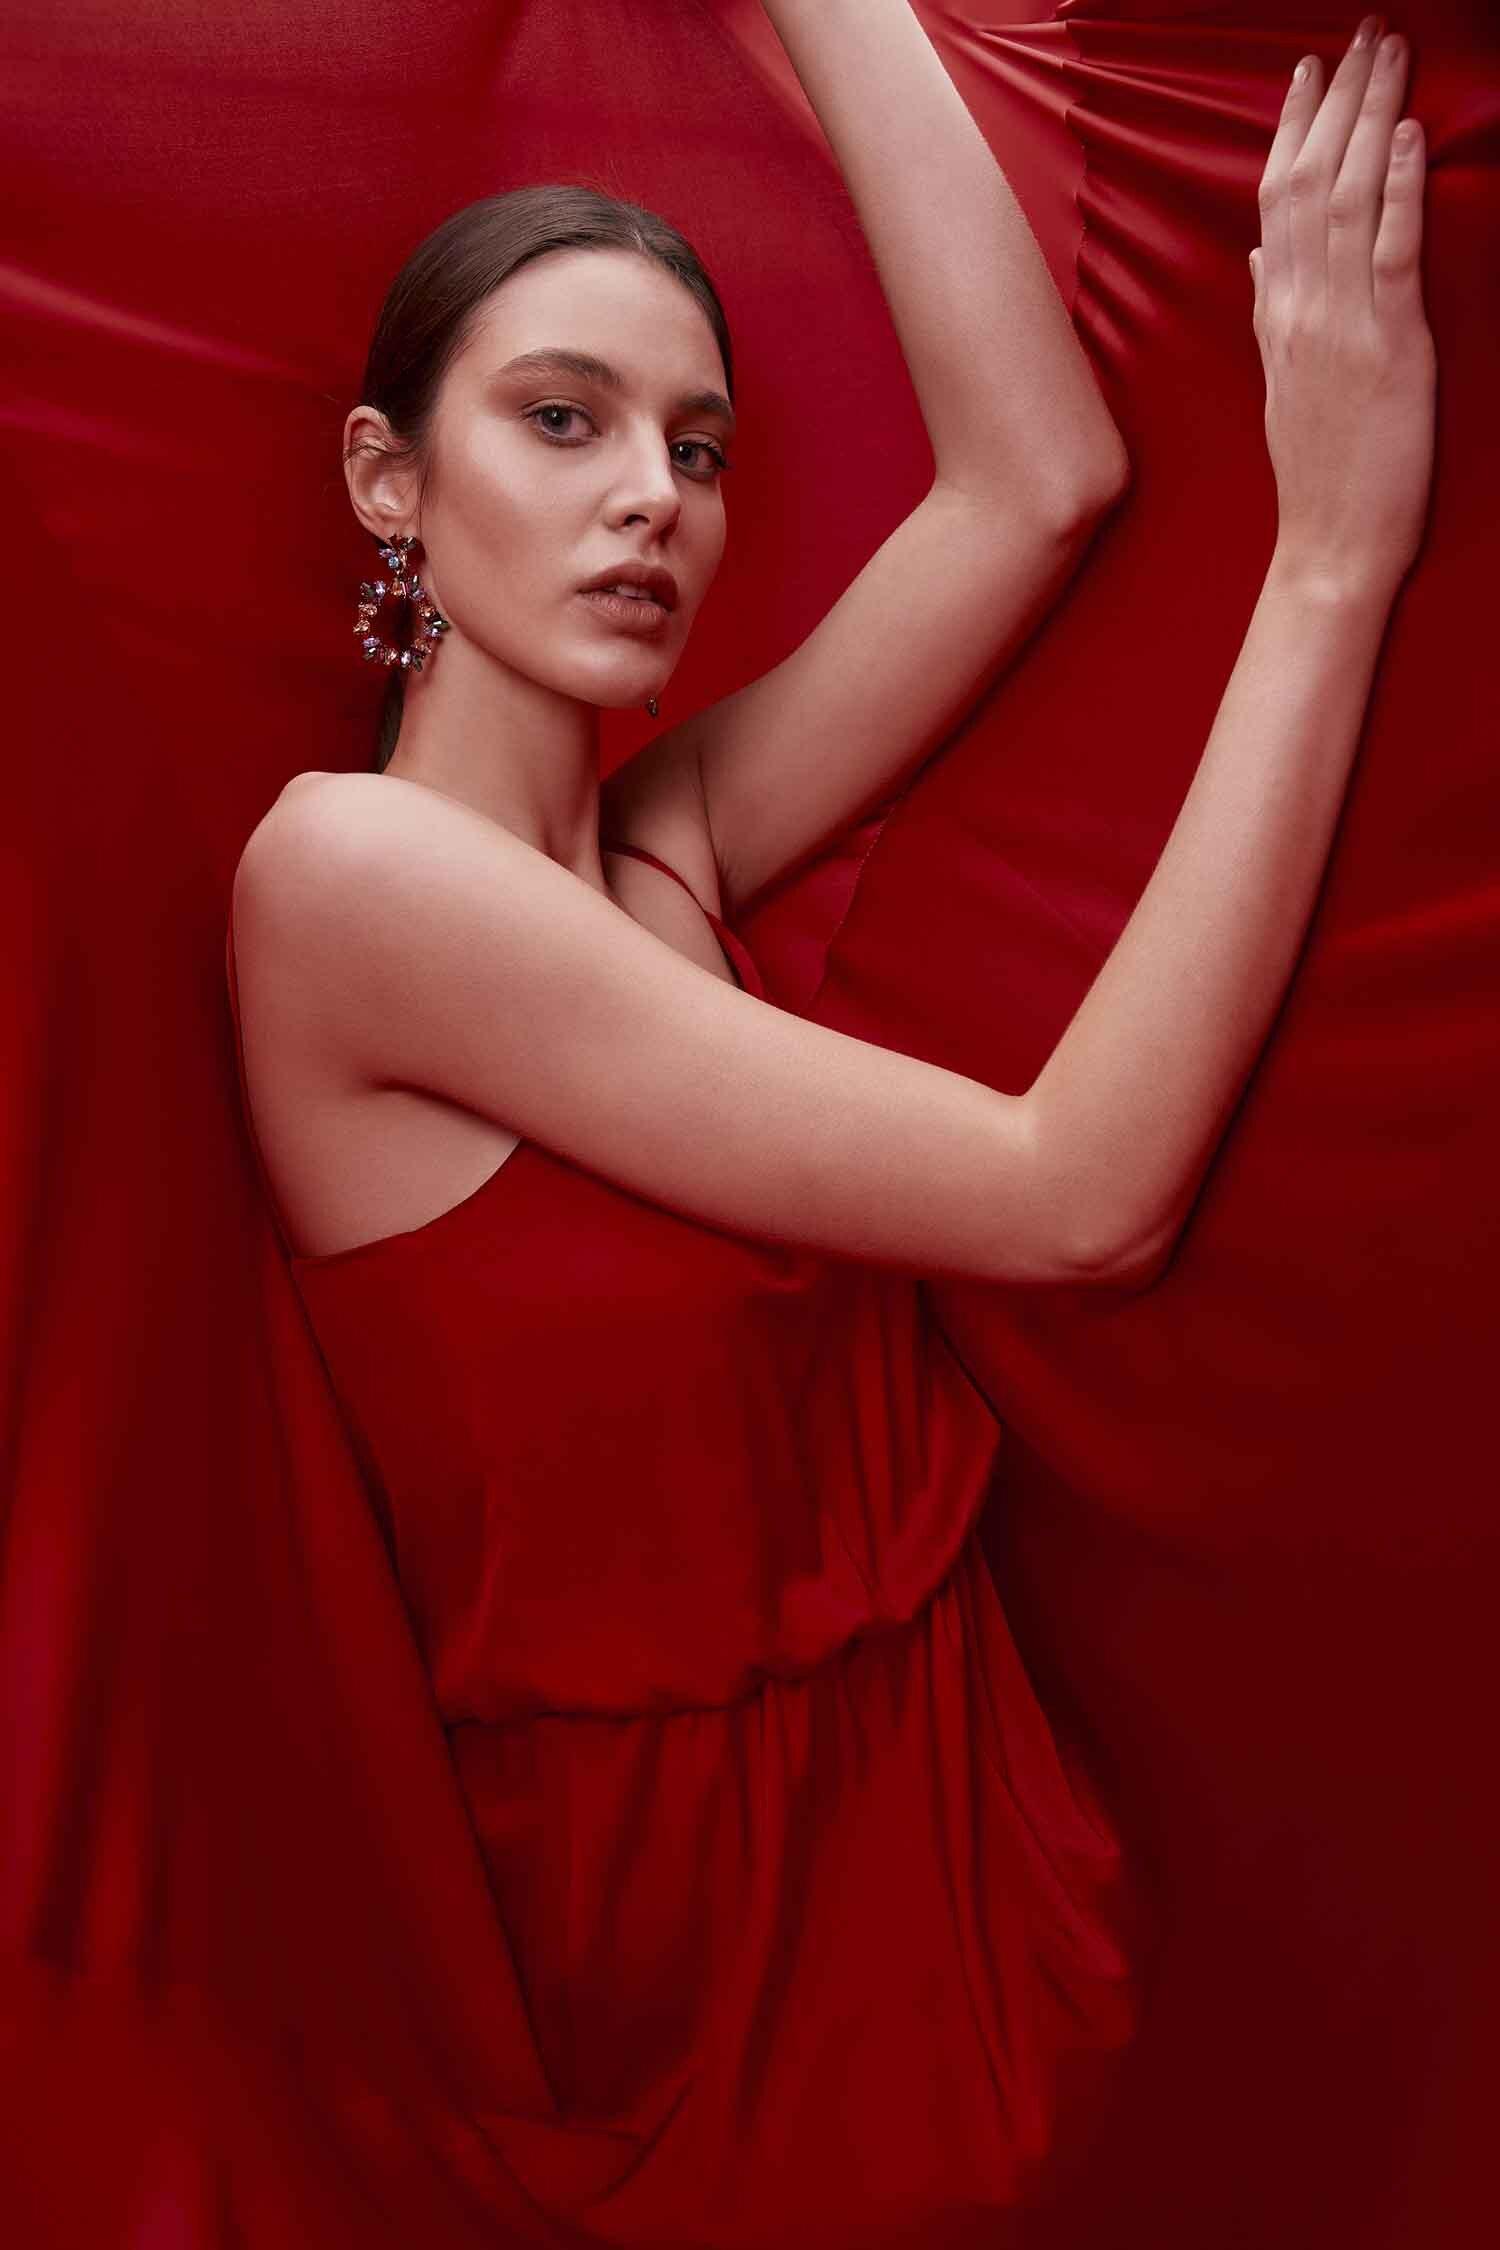 Kırmızı İnce Askılı V Yaka Belden Büzgülü Uzun Saten Elbise - Thumbnail